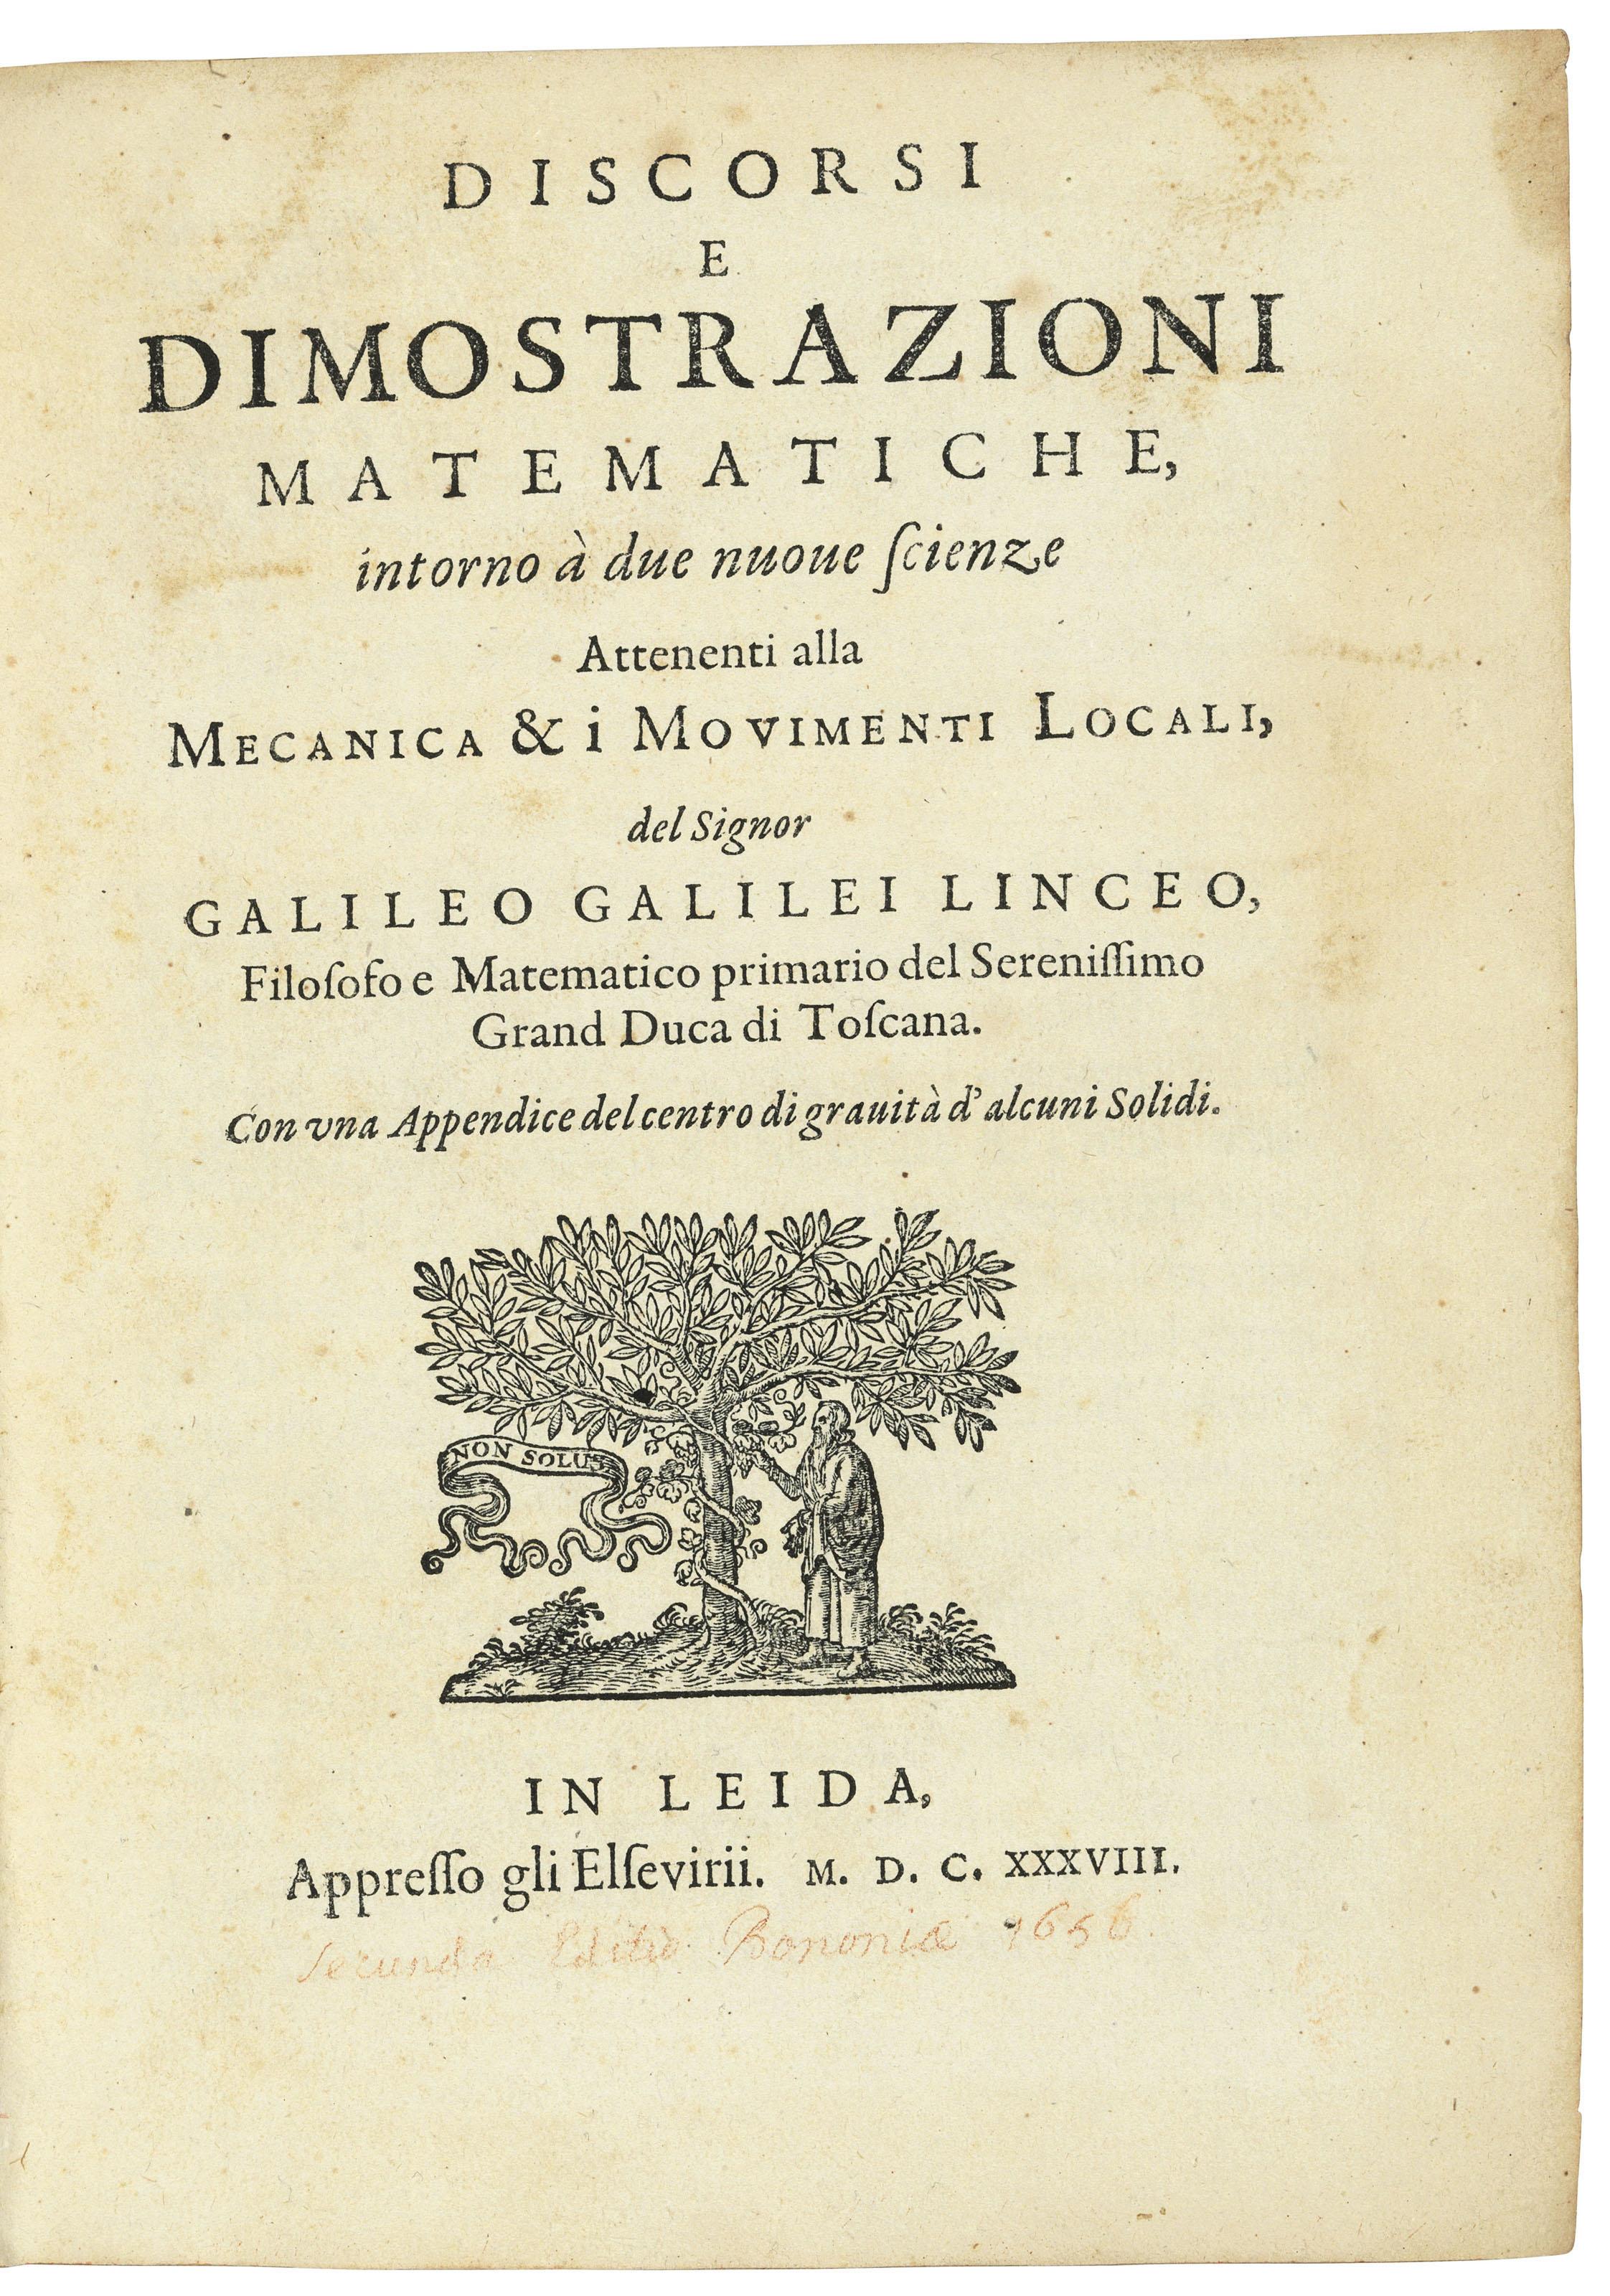 GALILEI, Galileo (1564-1642). Discorsi e dimostrazioni matematiche, intorno a due nuove scienze attenenti alla mecanica & i movimenti locali. Leiden: Elzevier Press, 1638.